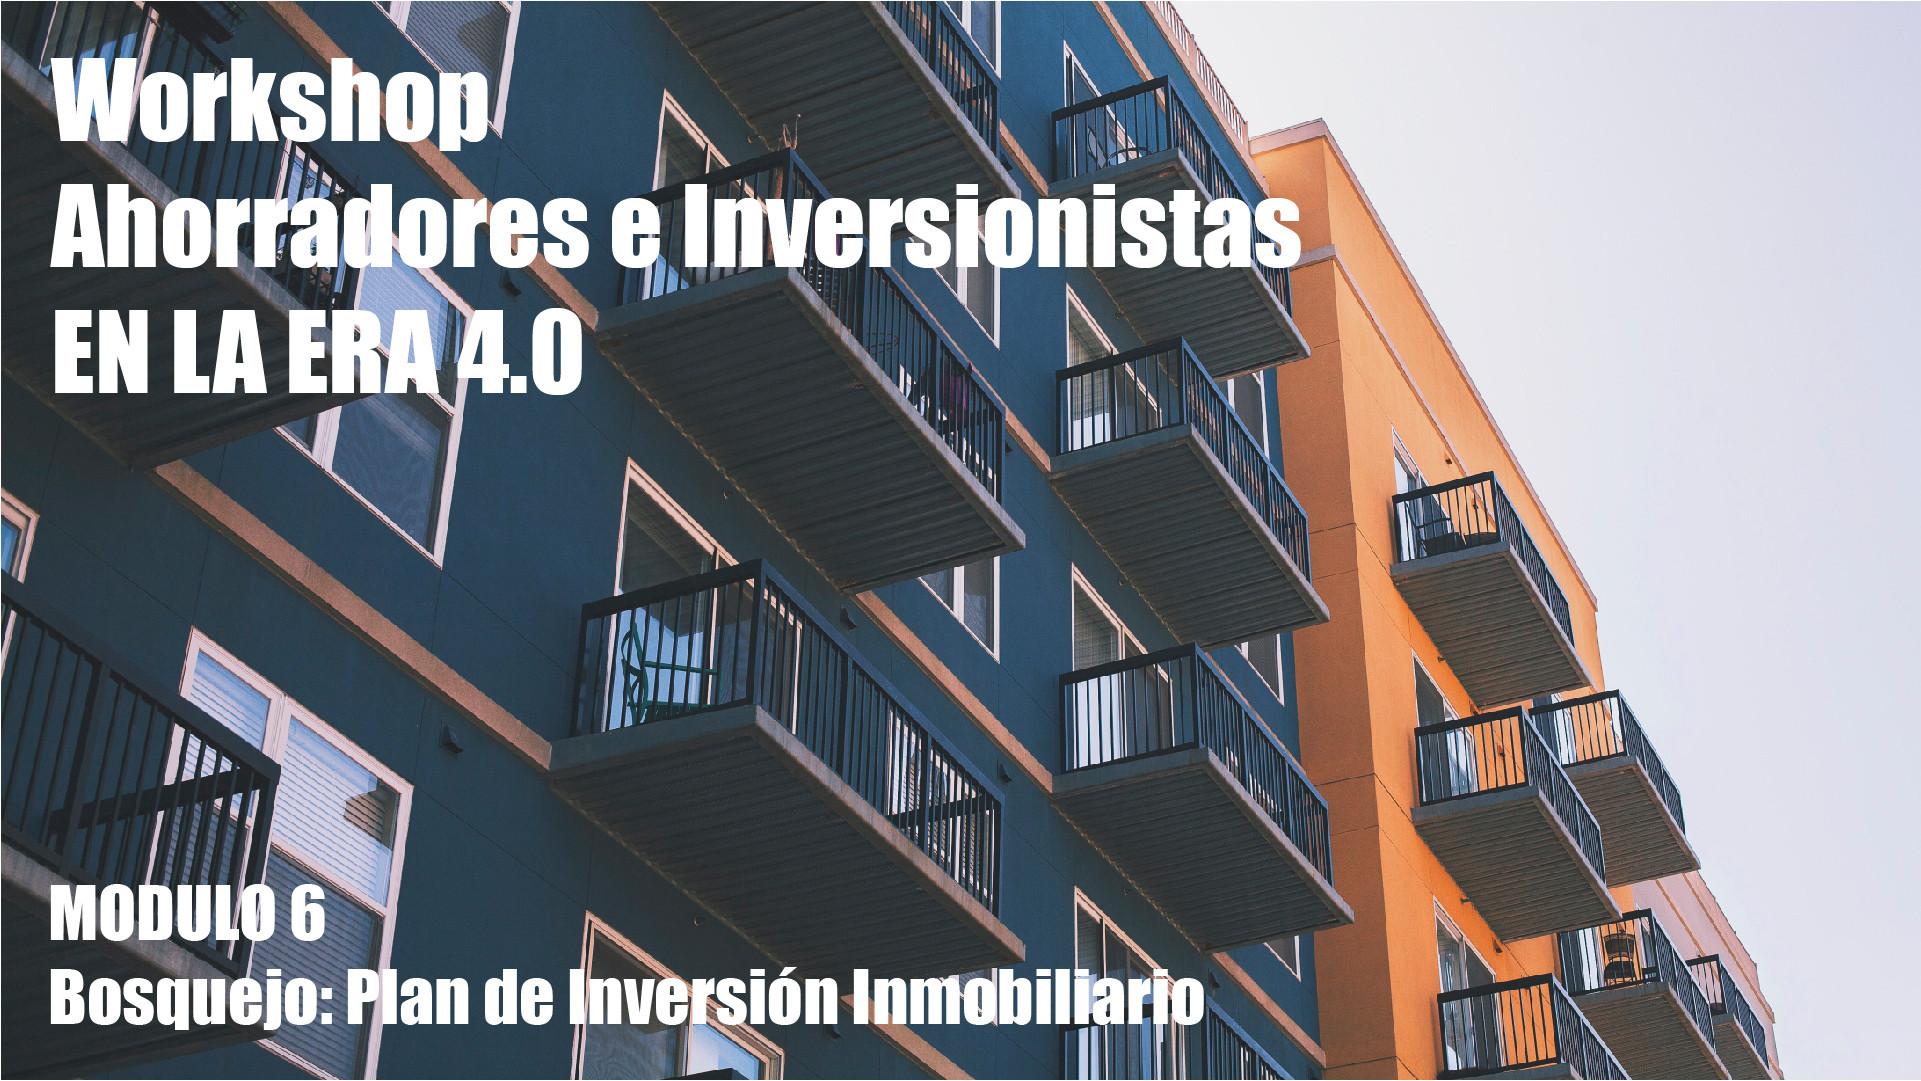 Workshop Ahorradores Inversionistas M6